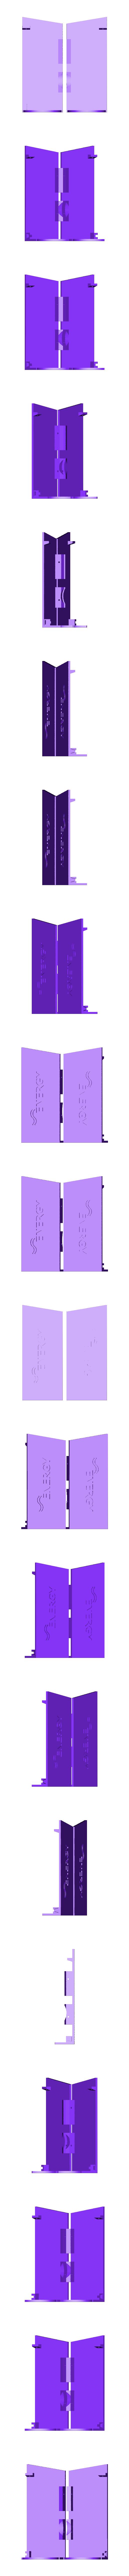 Housing_V3_2_final.stl Télécharger fichier STL gratuit Windkraft-Anlage (pausiert - warte auf Teile aus China) • Plan pour impression 3D, CoffeCup